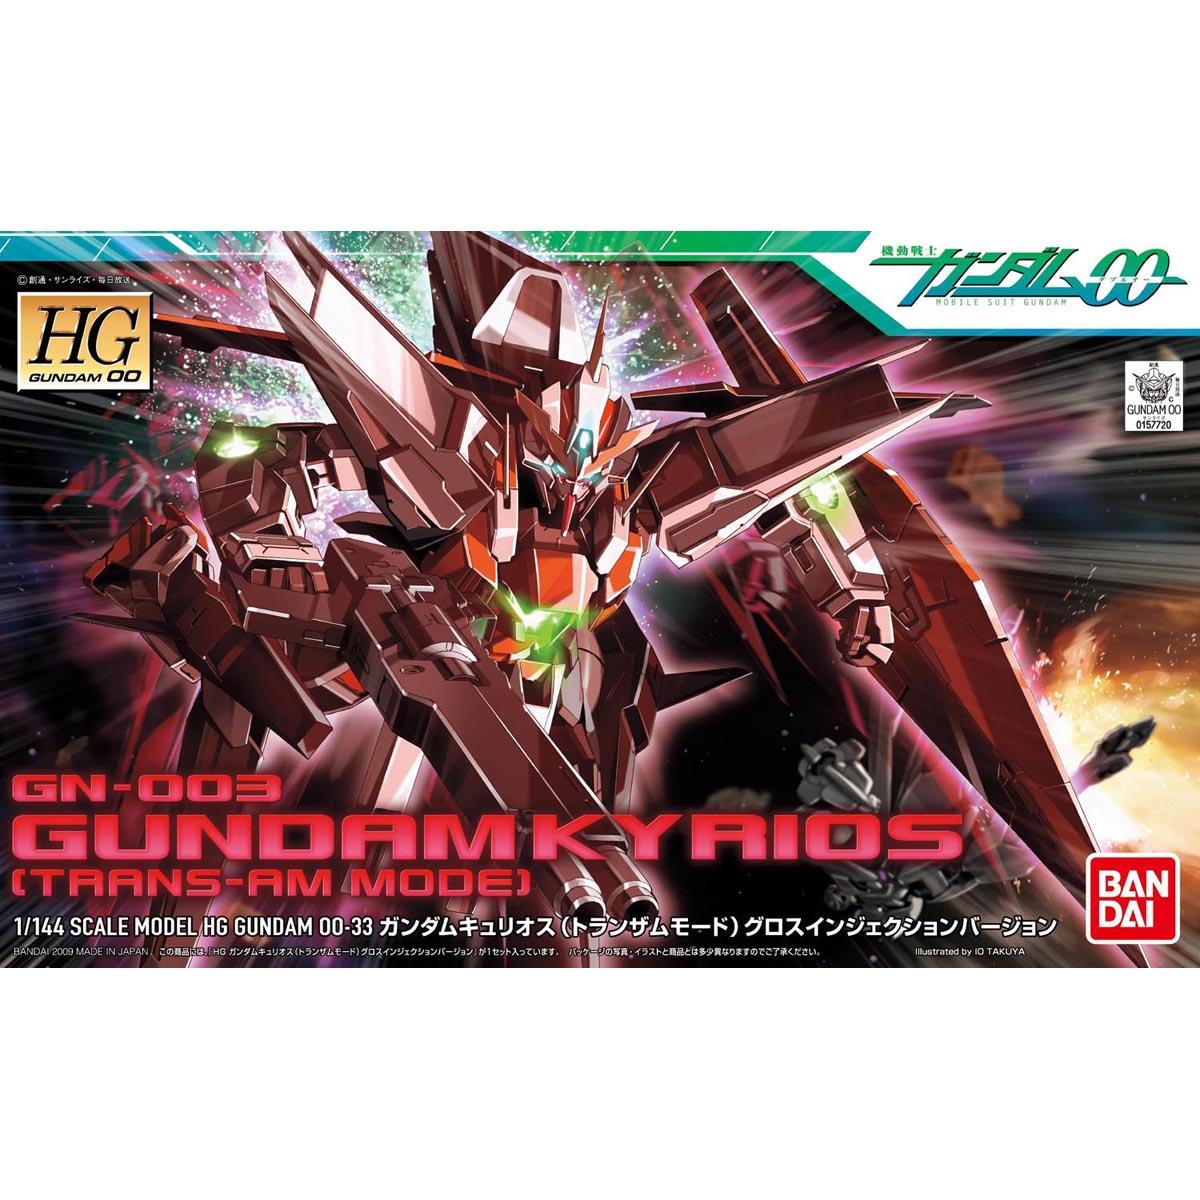 鋼彈gundam組合模型 HG 1/144 Seed #33 主天使T-AM模式